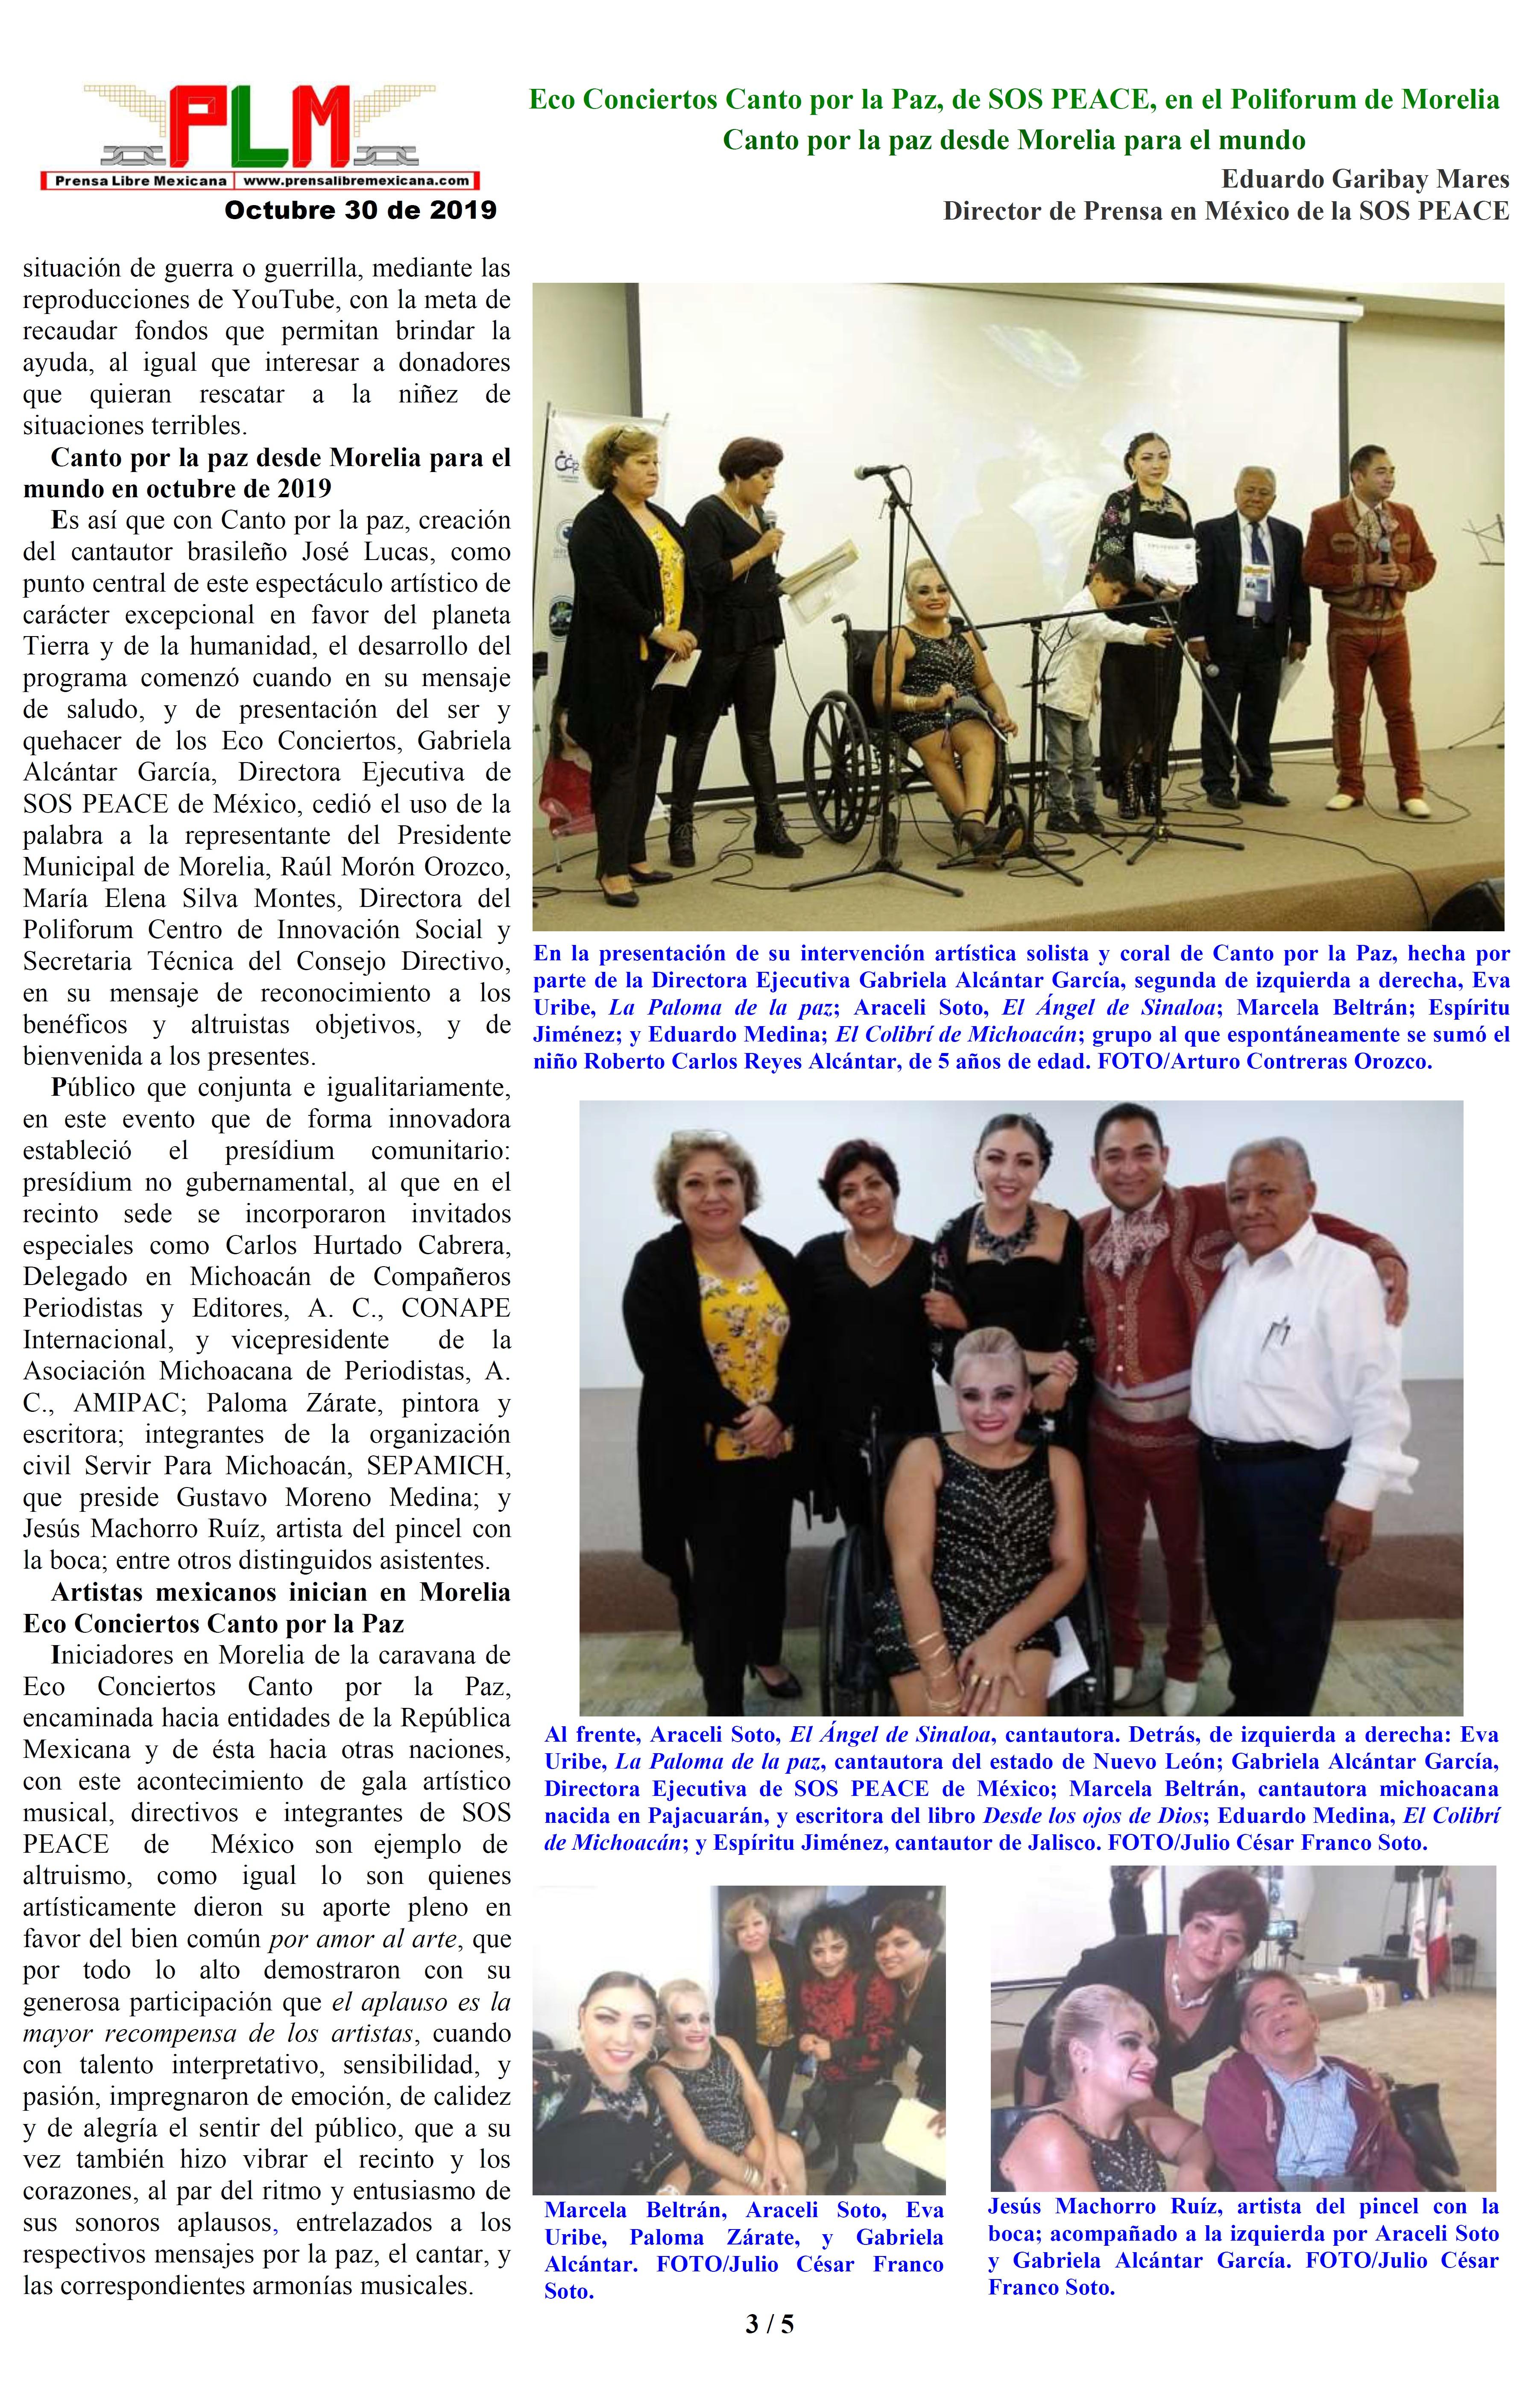 Eco Conciertos Canto por la Paz, de SOS PEACE, en el Poliforum de Morelia. Eduardo Garibay Mares. PAGINA 3